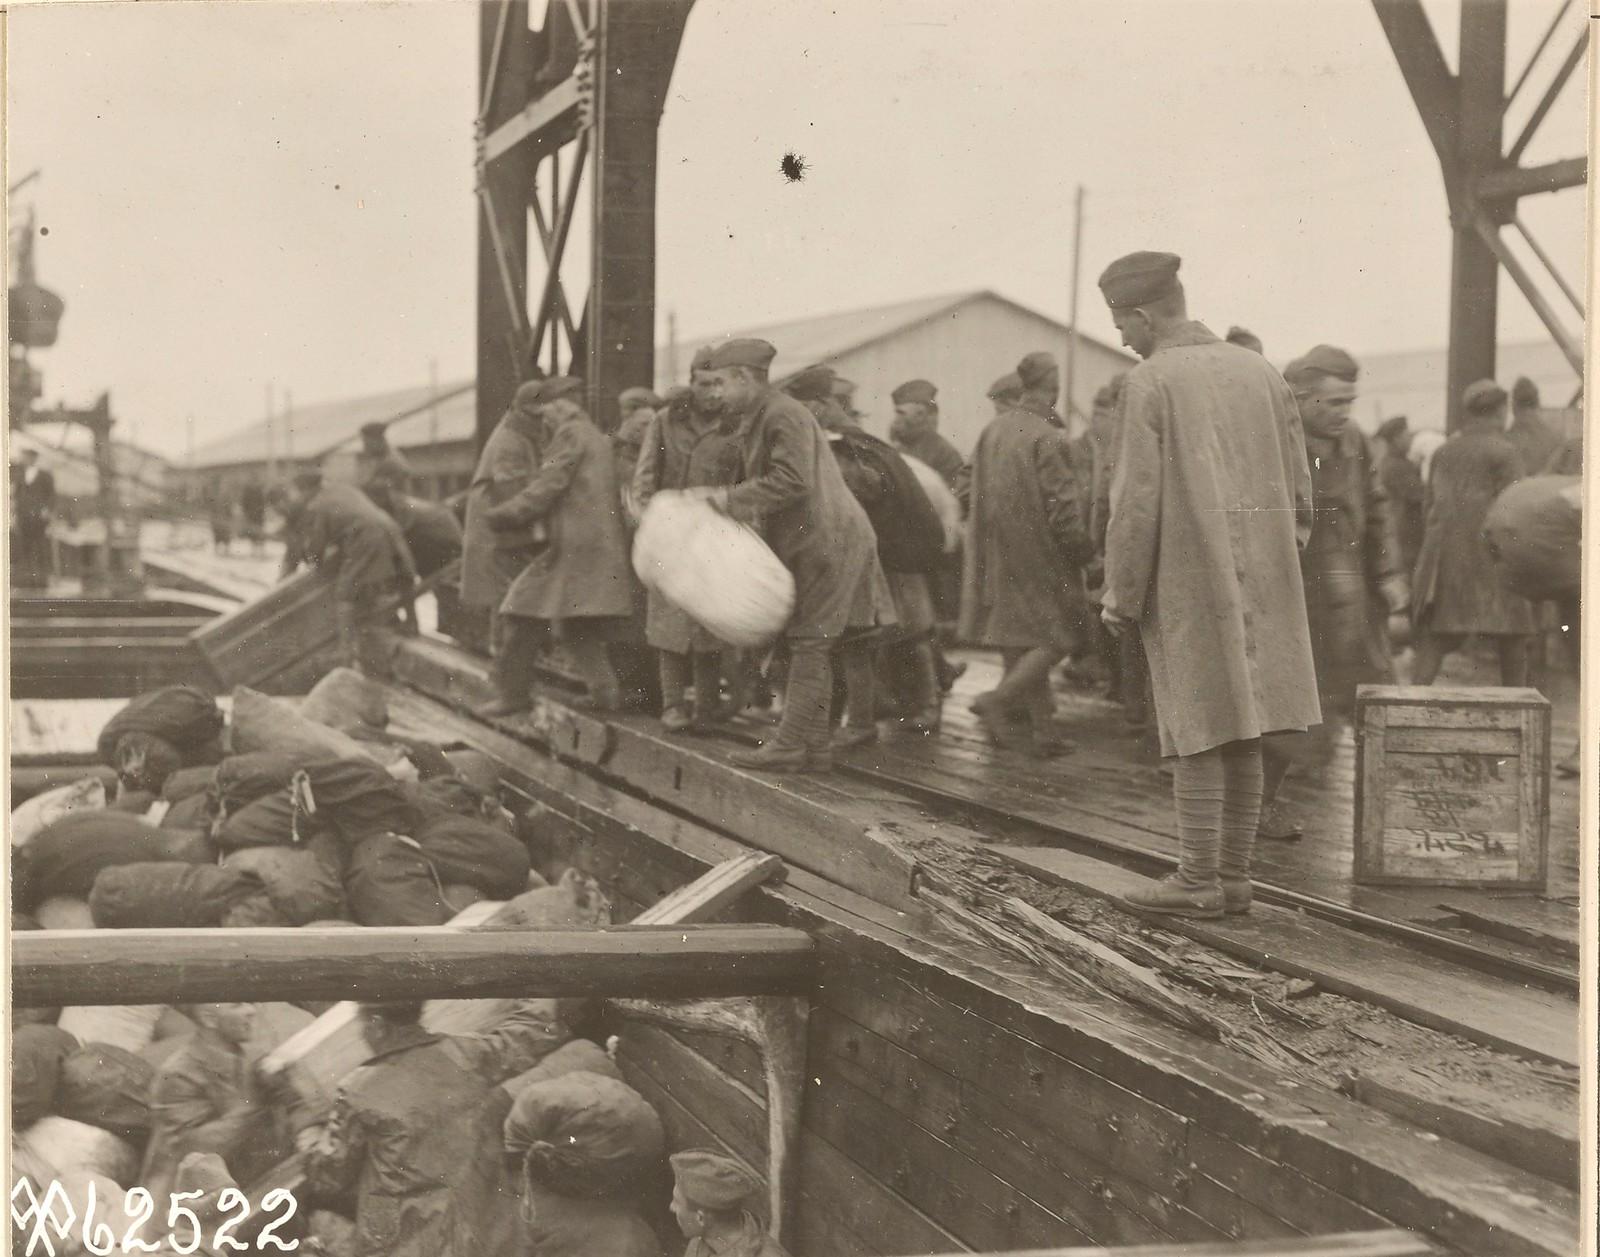 Багаж из штаб-квартиры британских сил для погрузки на британский транспорт «Порто»